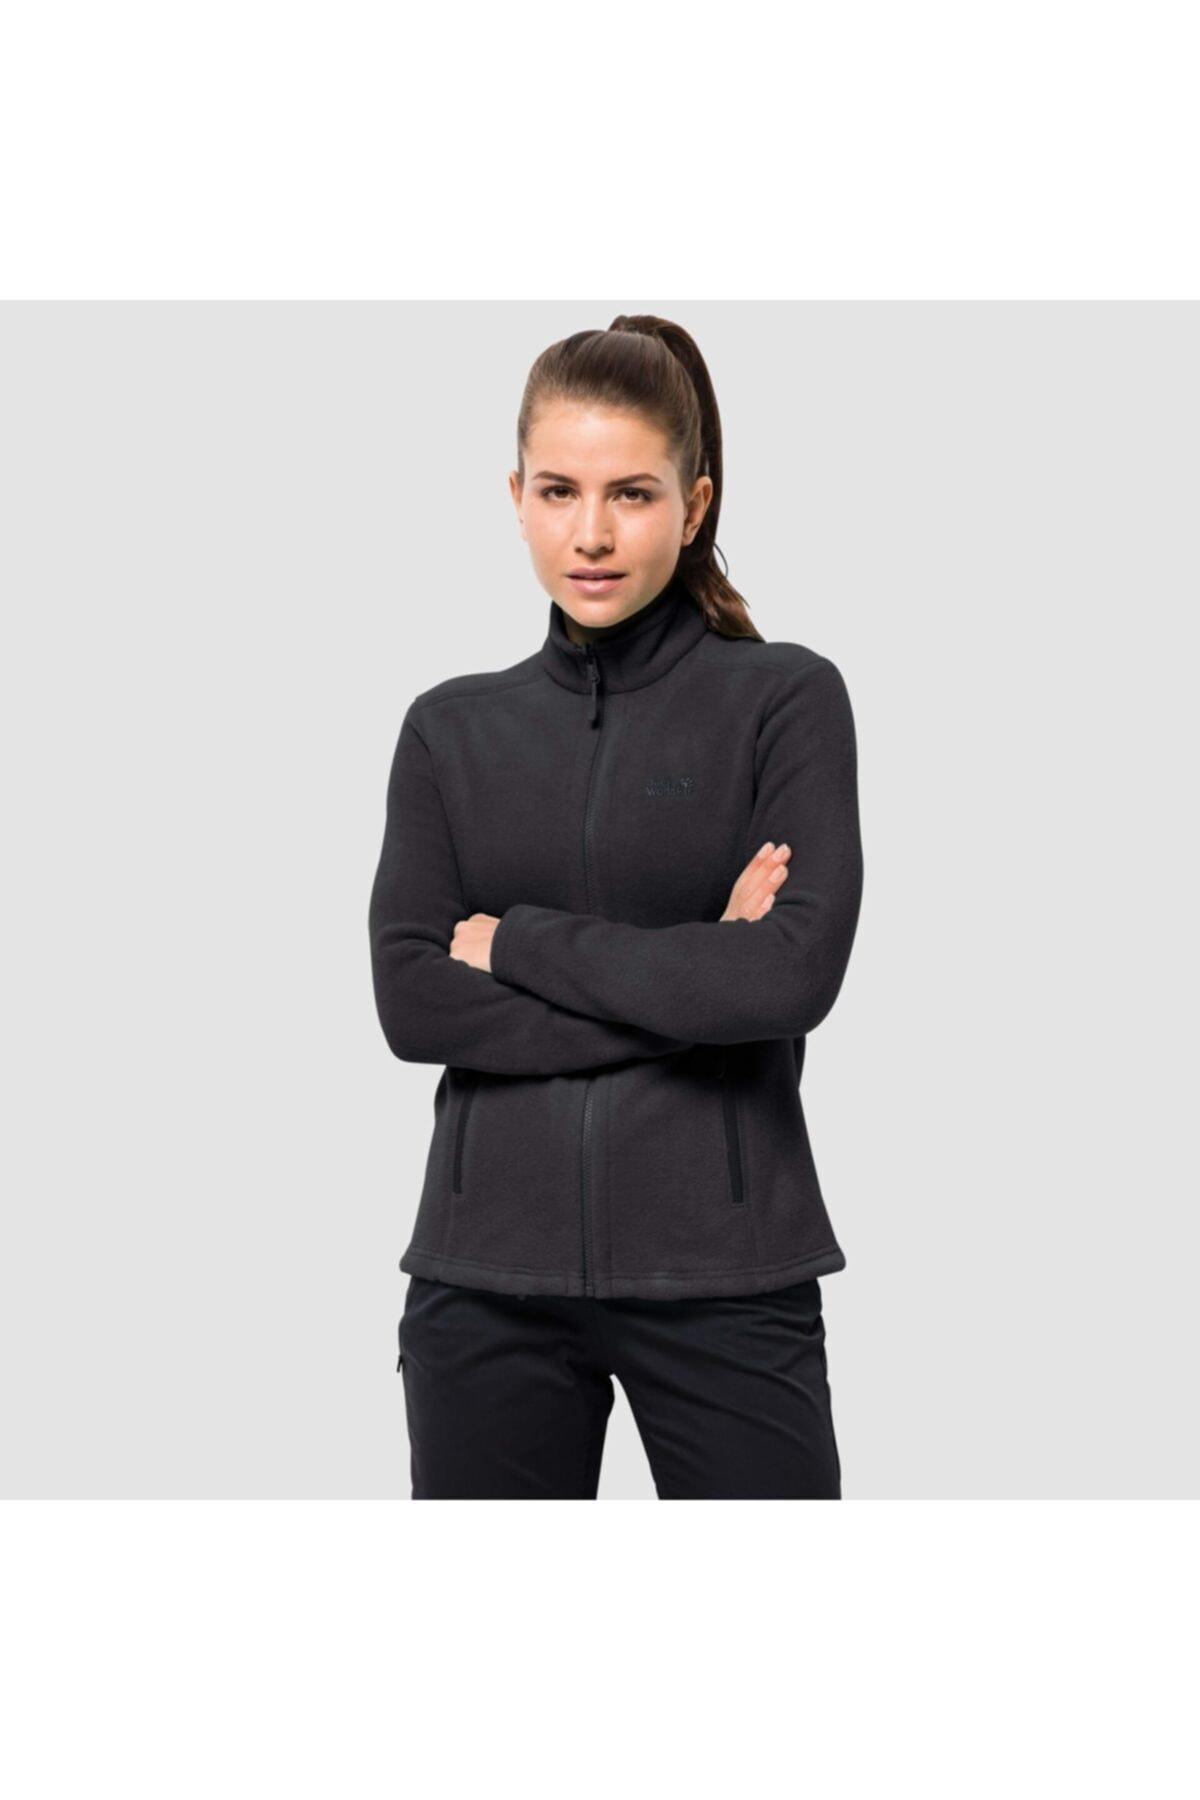 فروشگاه گرمکن ورزشی مدل جدید برند Jack Wolfskin رنگ مشکی کد ty3671323